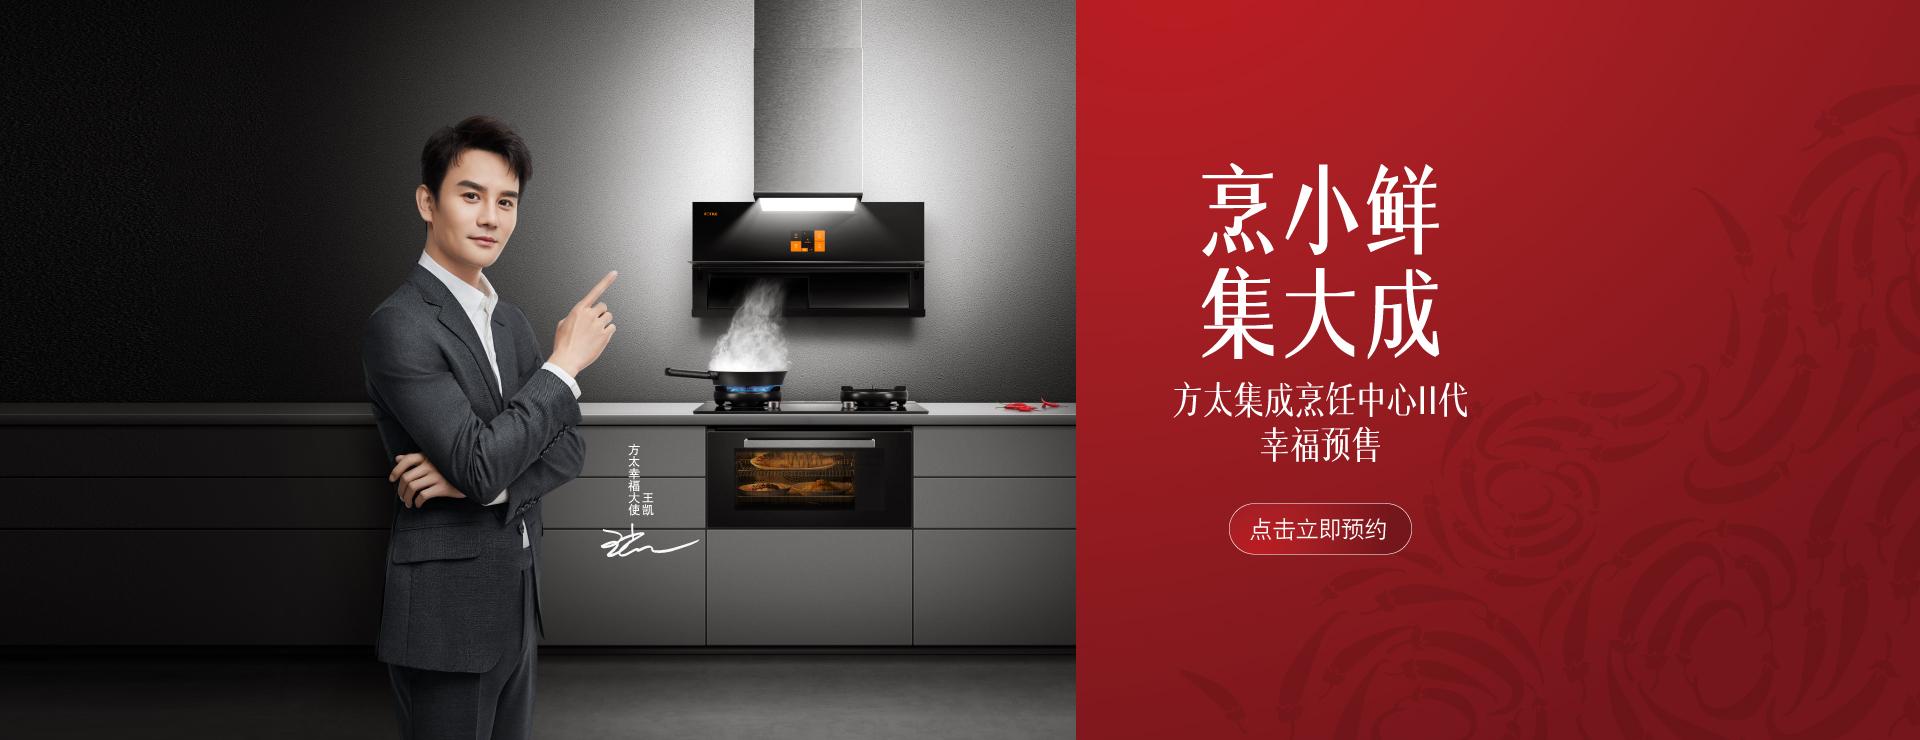 集成烹饪中心2.0新品上市